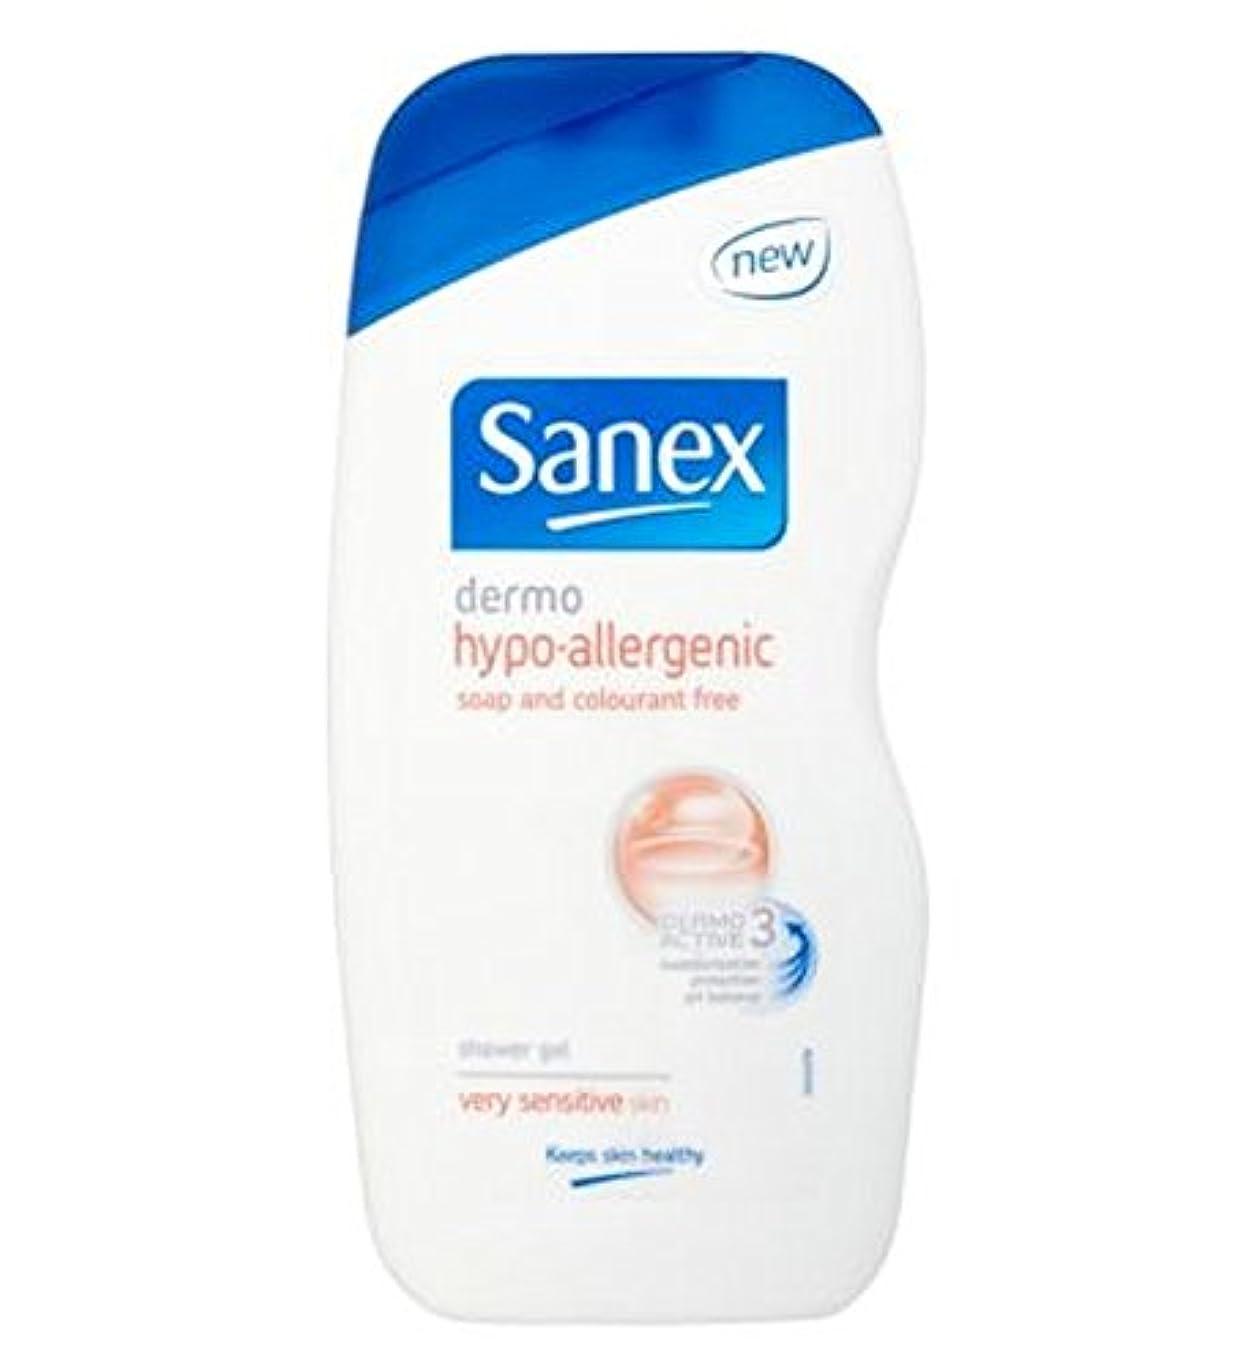 不良品給料ファイルSanex低刺激性のシャワージェル500ミリリットル (Sanex) (x2) - Sanex Hypoallergenic Shower Gel 500ml (Pack of 2) [並行輸入品]